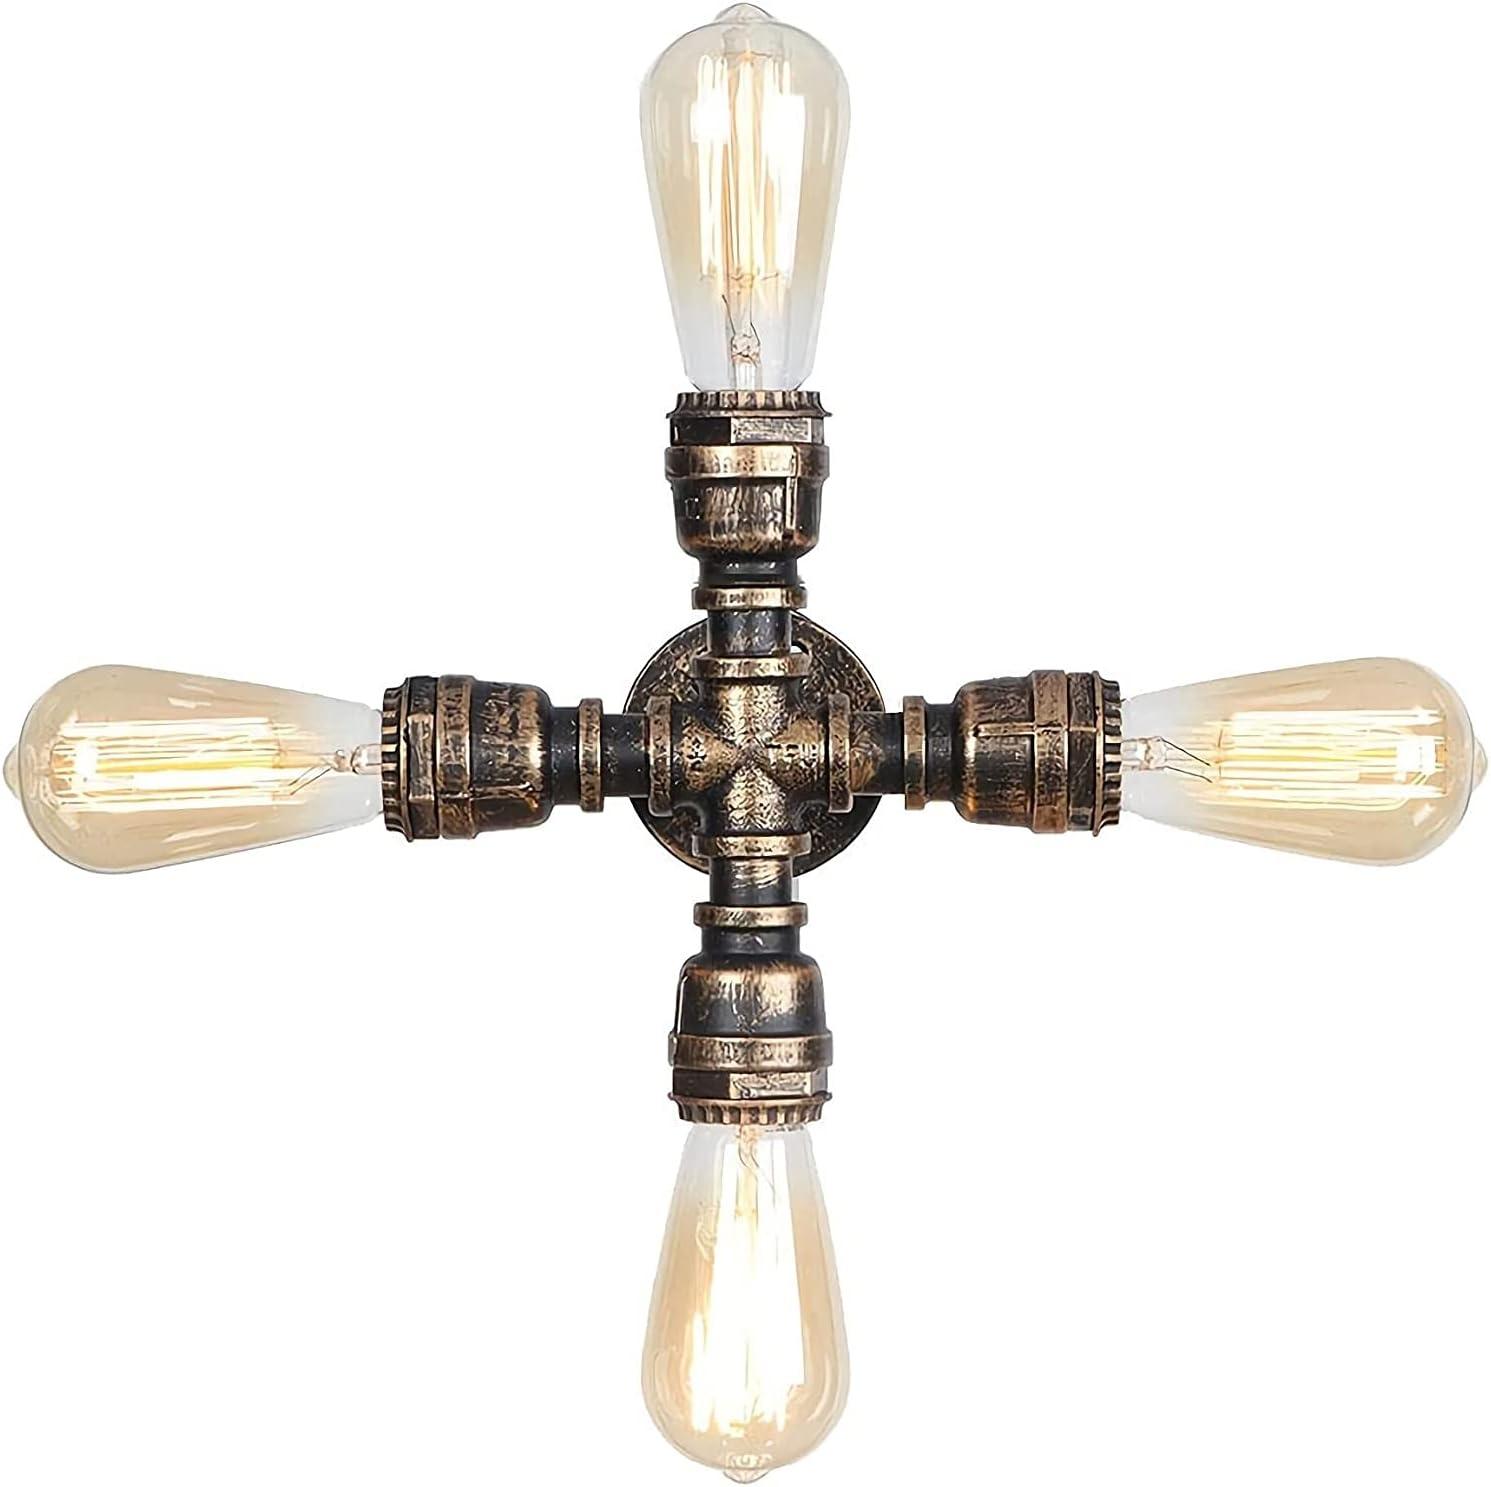 Lámpara de pared Soporte integrado Luz Retro Industrial Hierro forjado Tubería de agua Loft Personalidad Dormitorio Sala de estar Decoración Lámpara de pared minimalista americana E26 / E27 * 2